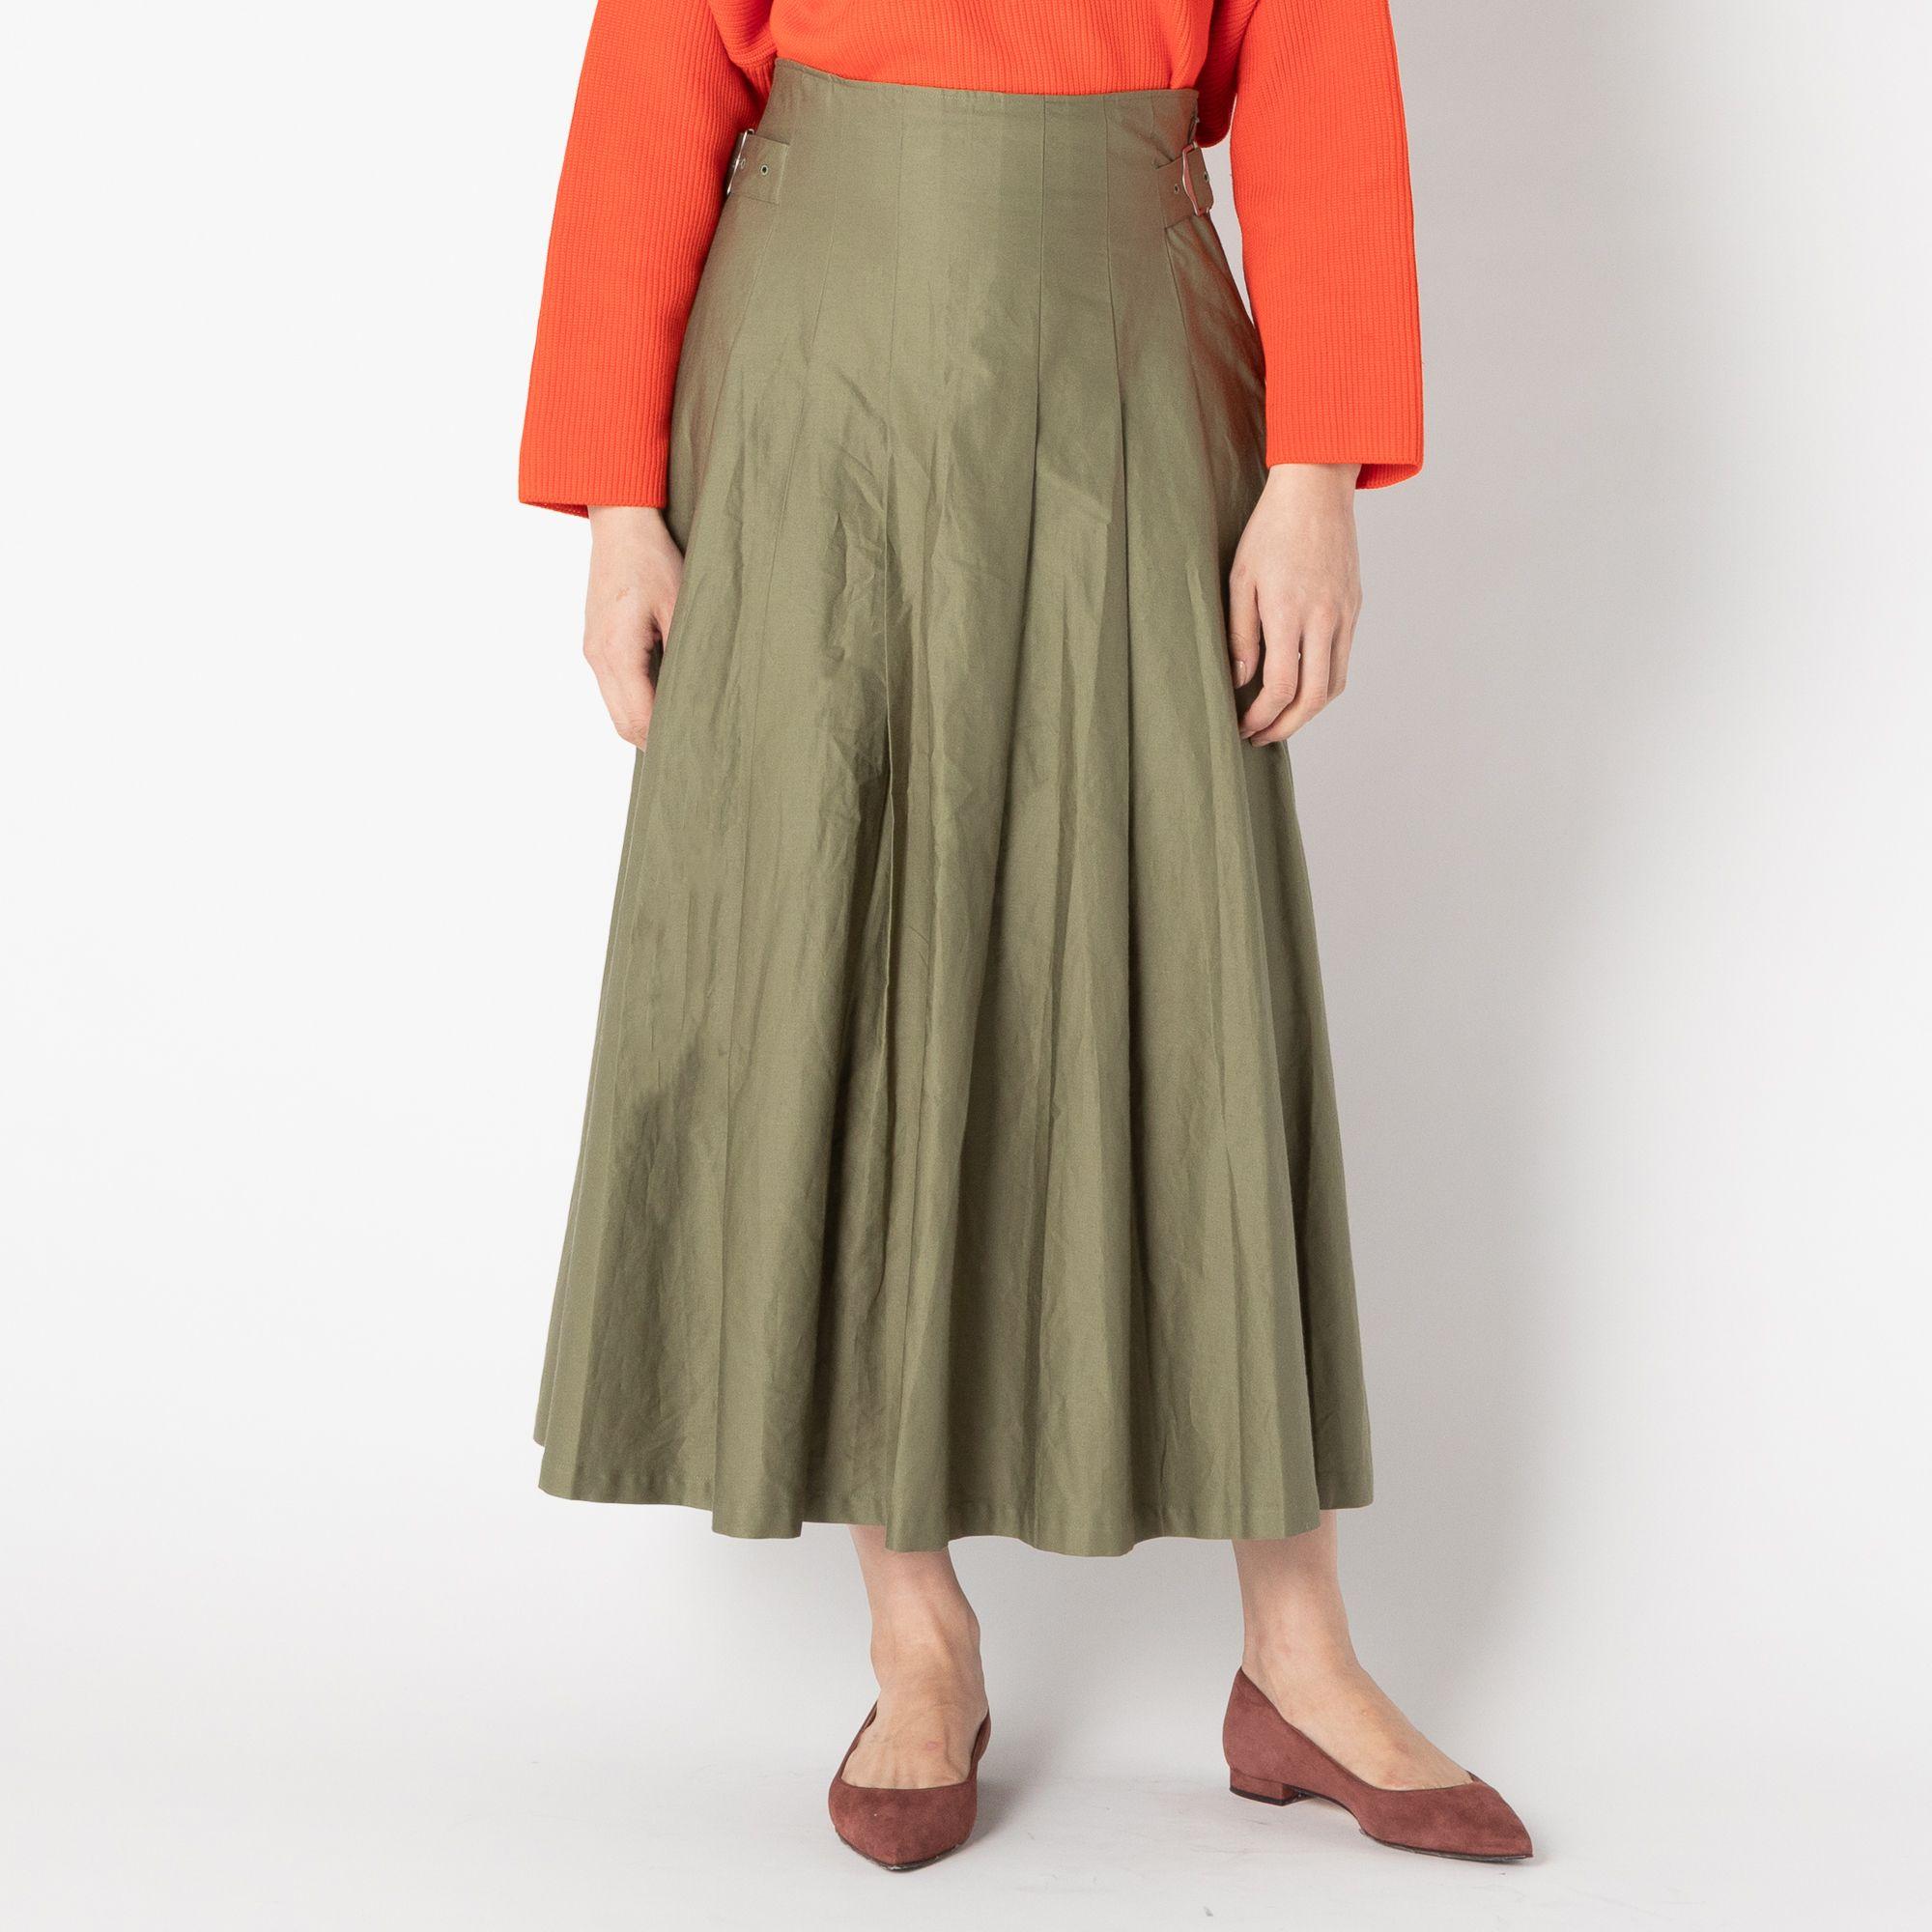 HELIOPOLE(エリオポール)/コットンツイル グルカタックフレアスカート